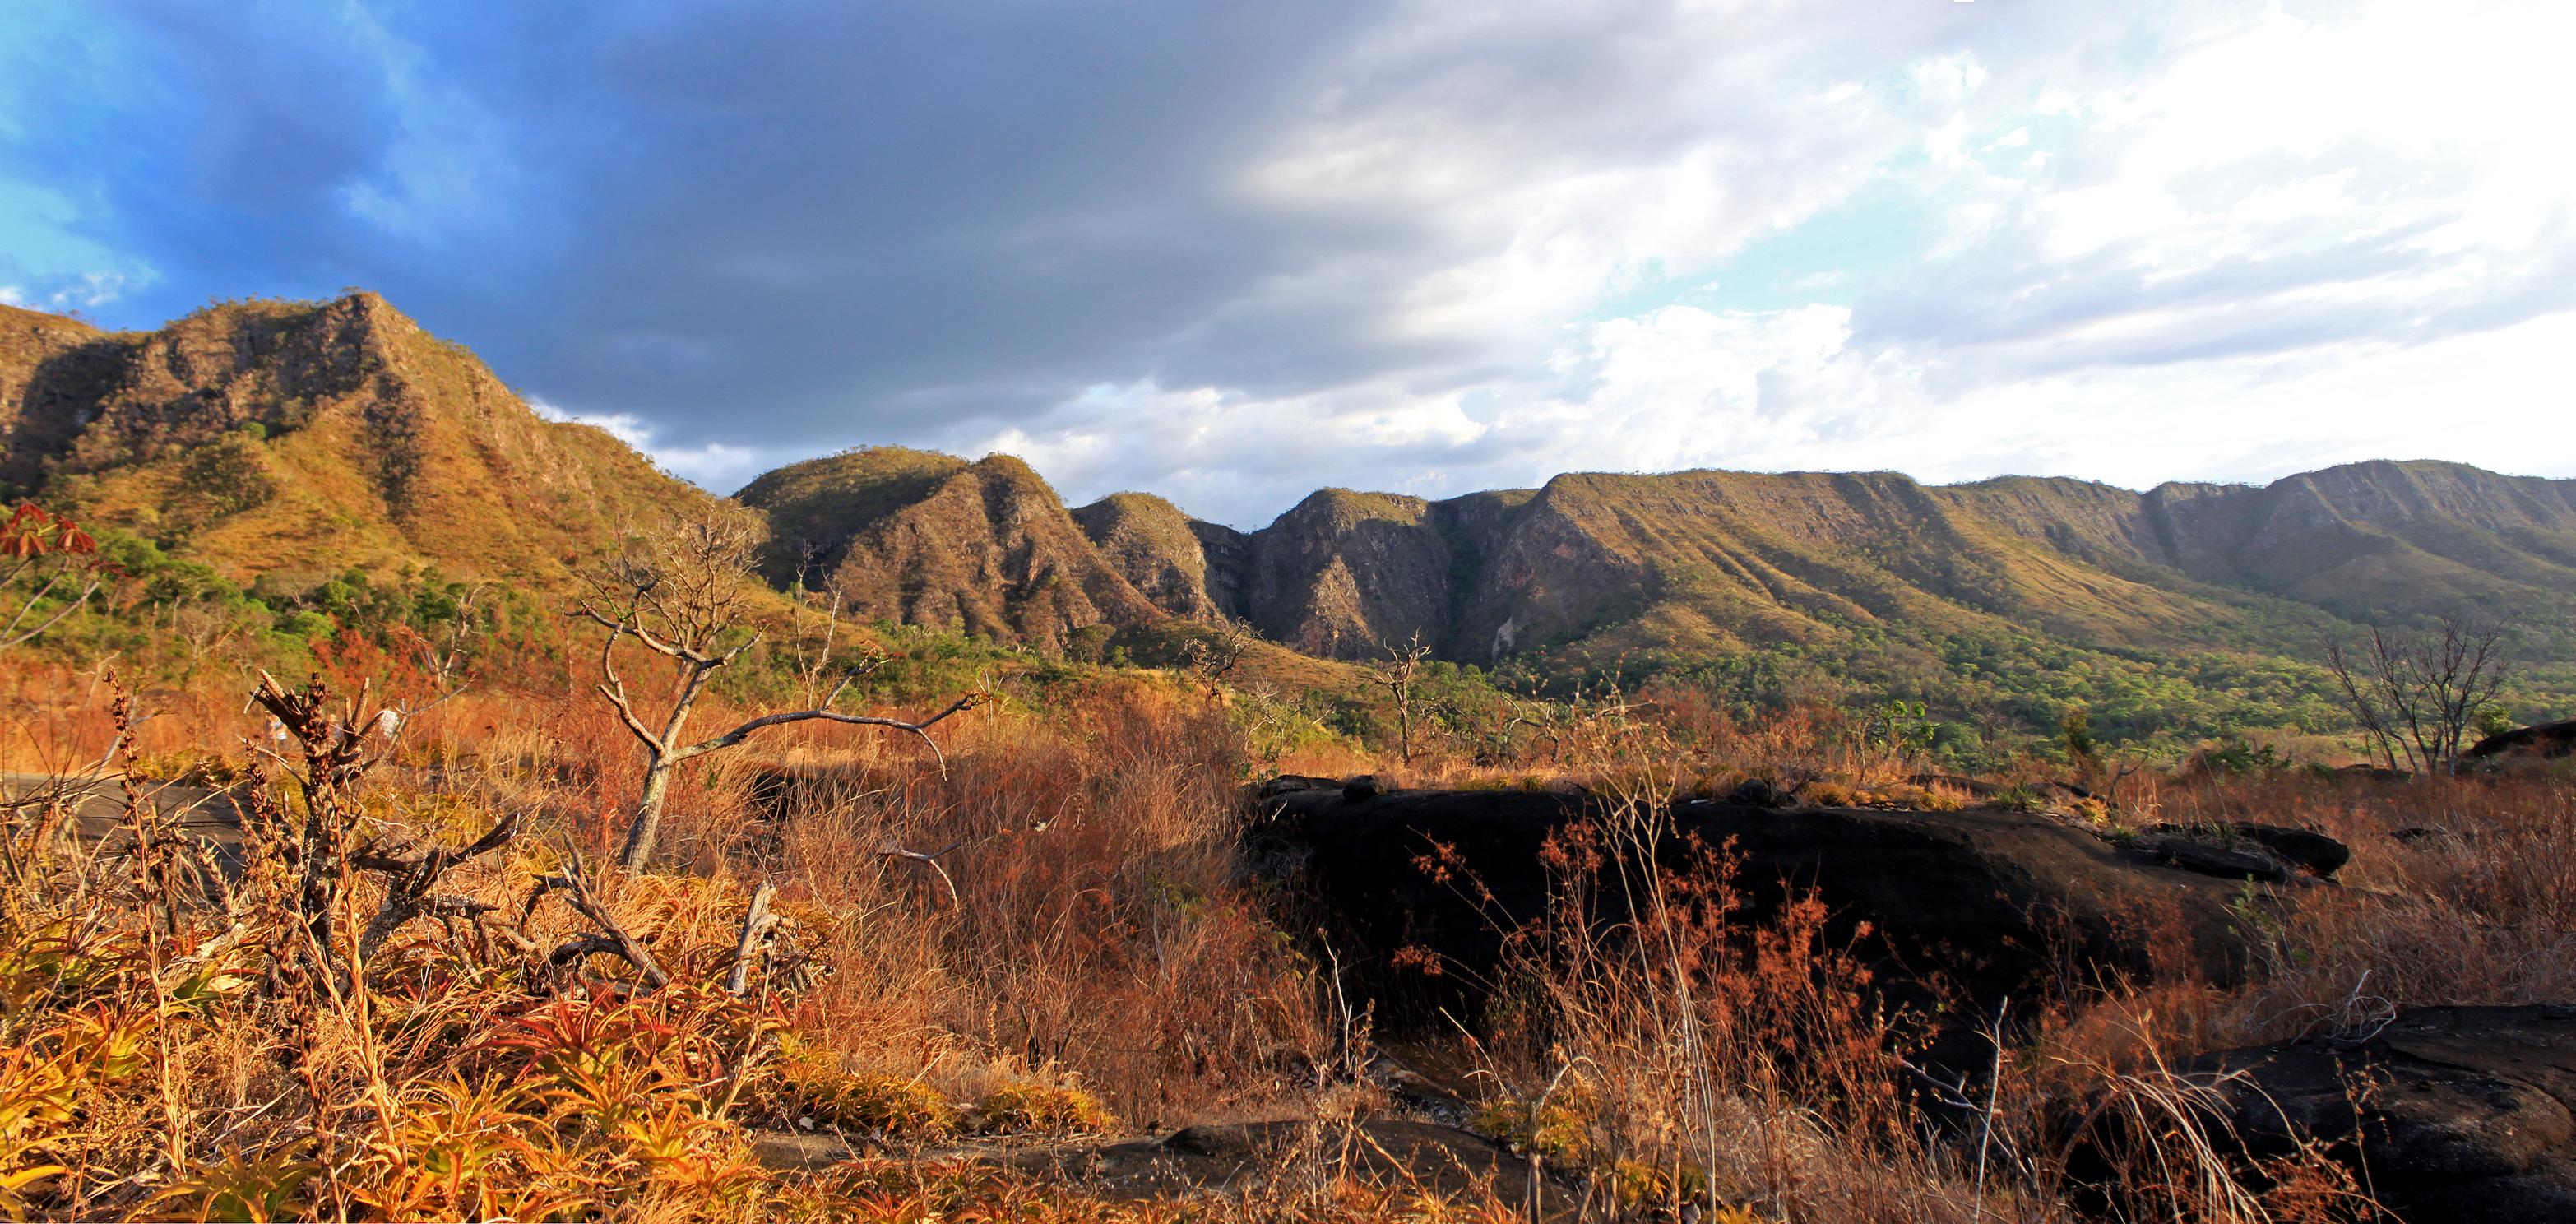 Trilhas para Hiking e Trekking: Cordilheiras nos arredores da Chapada dos Veadeiros